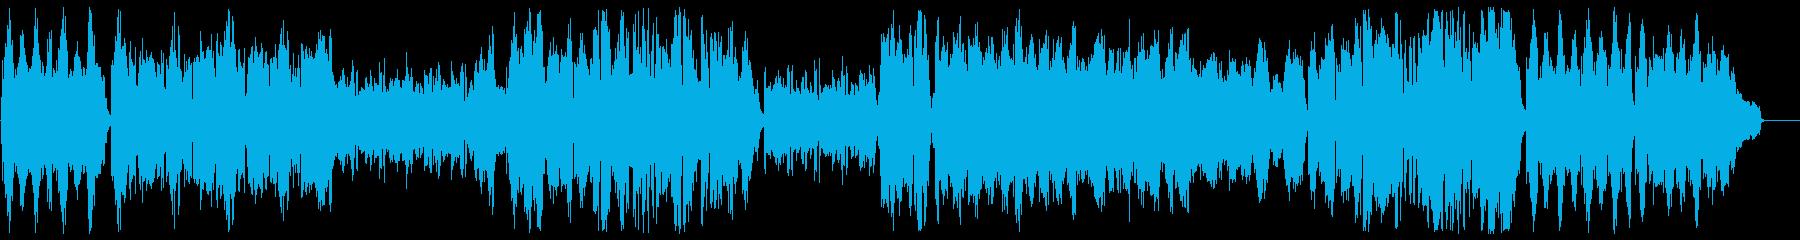 オーケストラによる奇妙で軽快なワルツの再生済みの波形